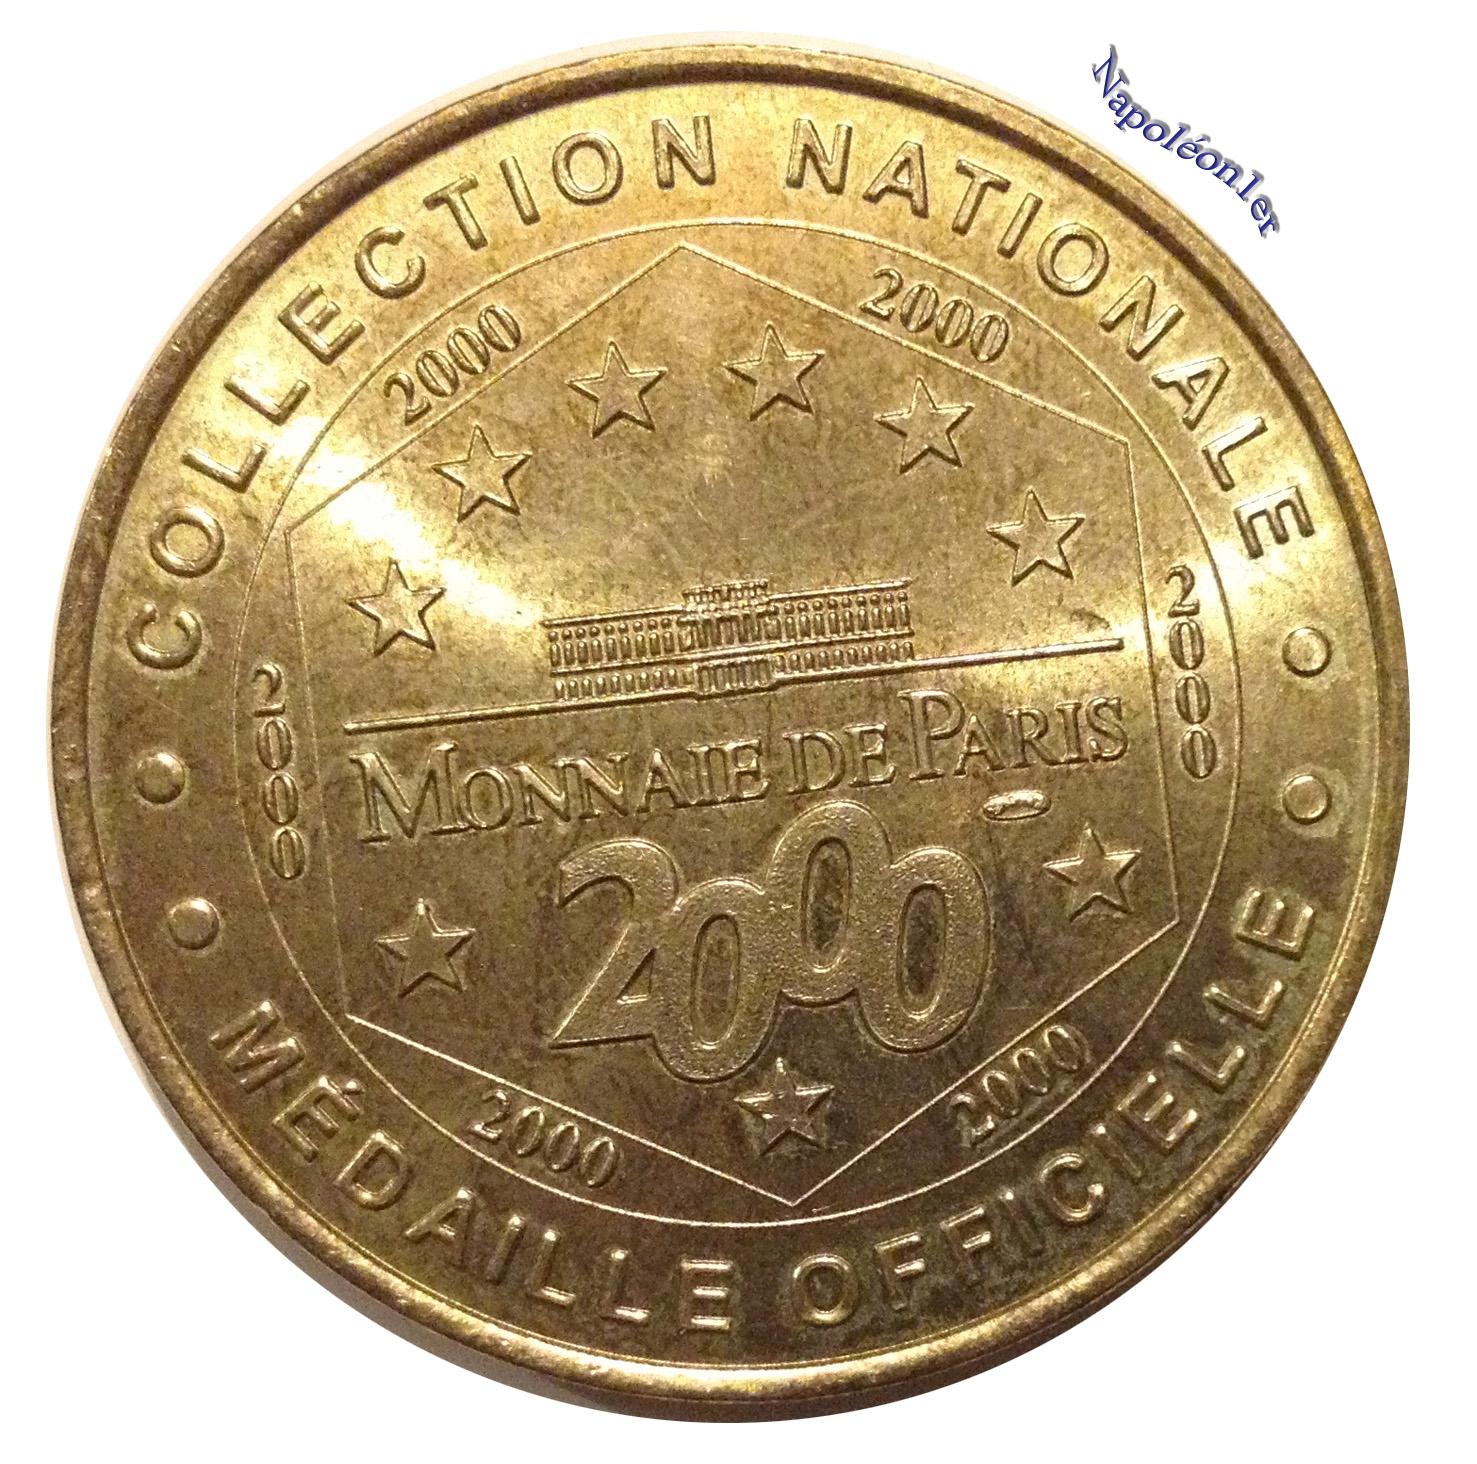 monnaie de paris medaille